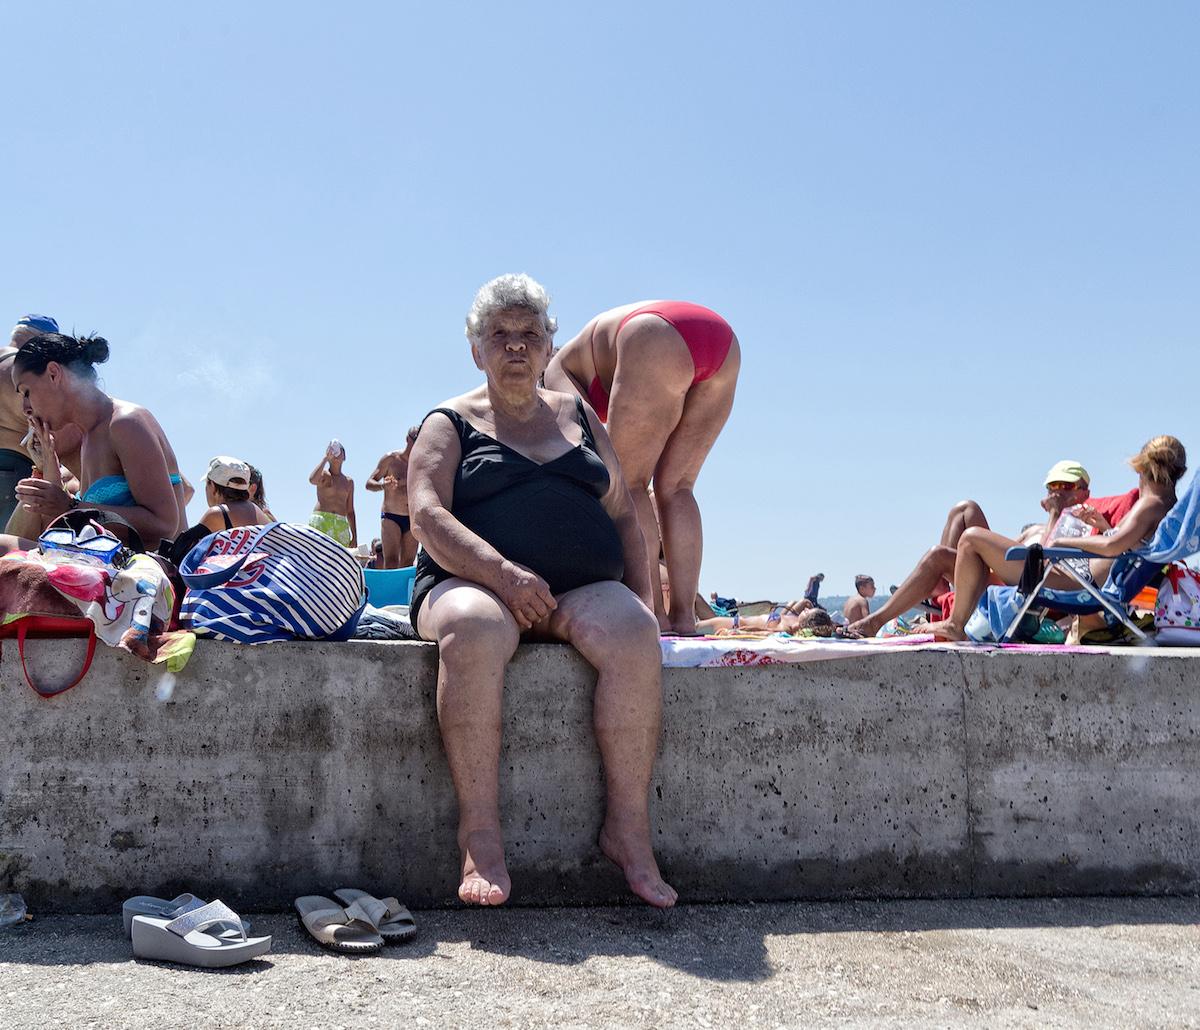 Italian Hotties Stunning italian summers are glorious - vice